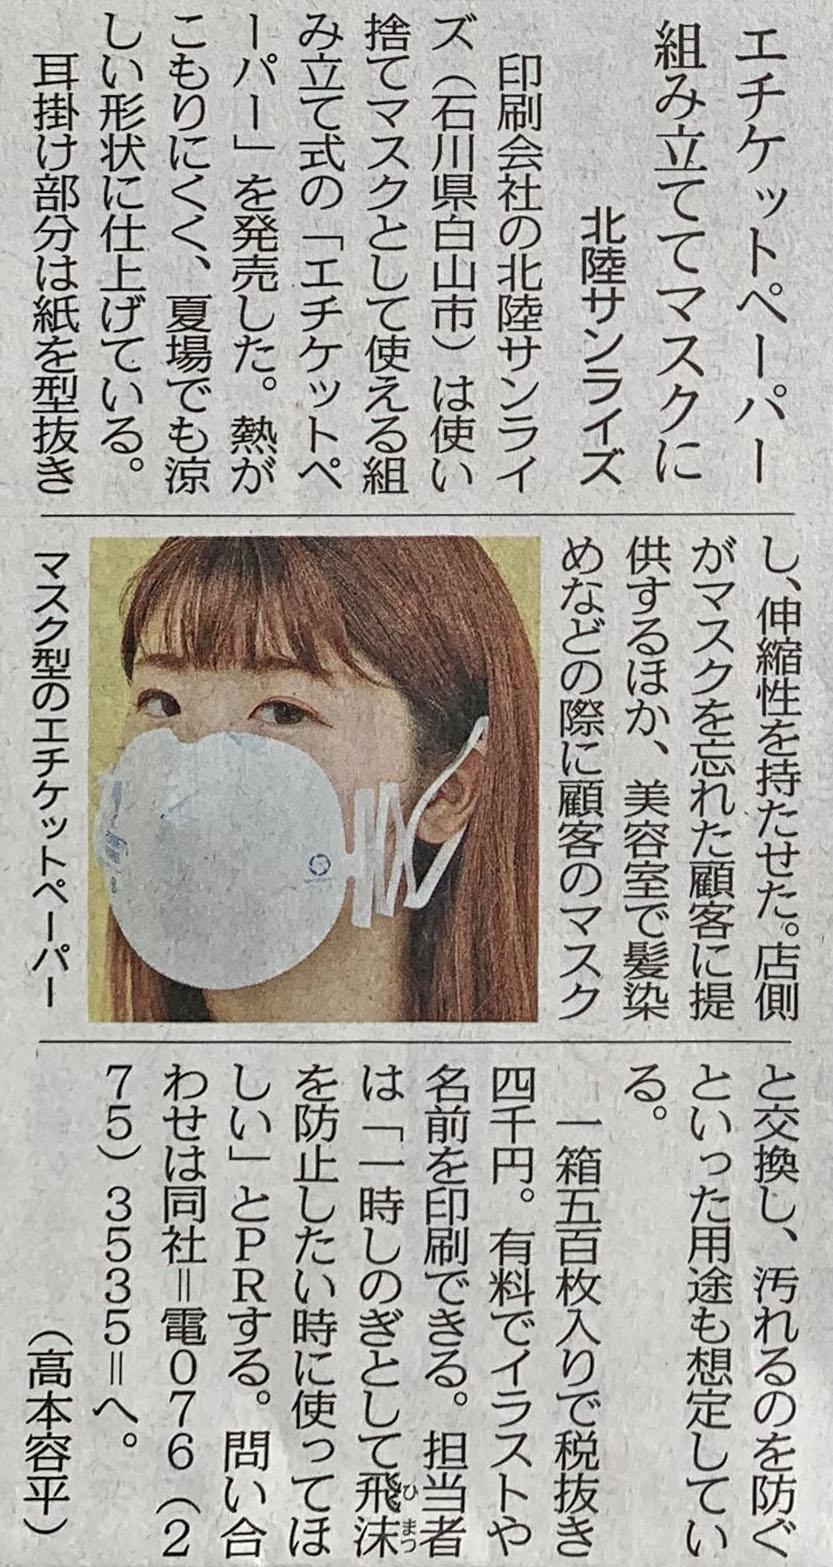 エチケットペーパーが「2020年7月7日北陸中日新聞朝刊」に掲載されました!